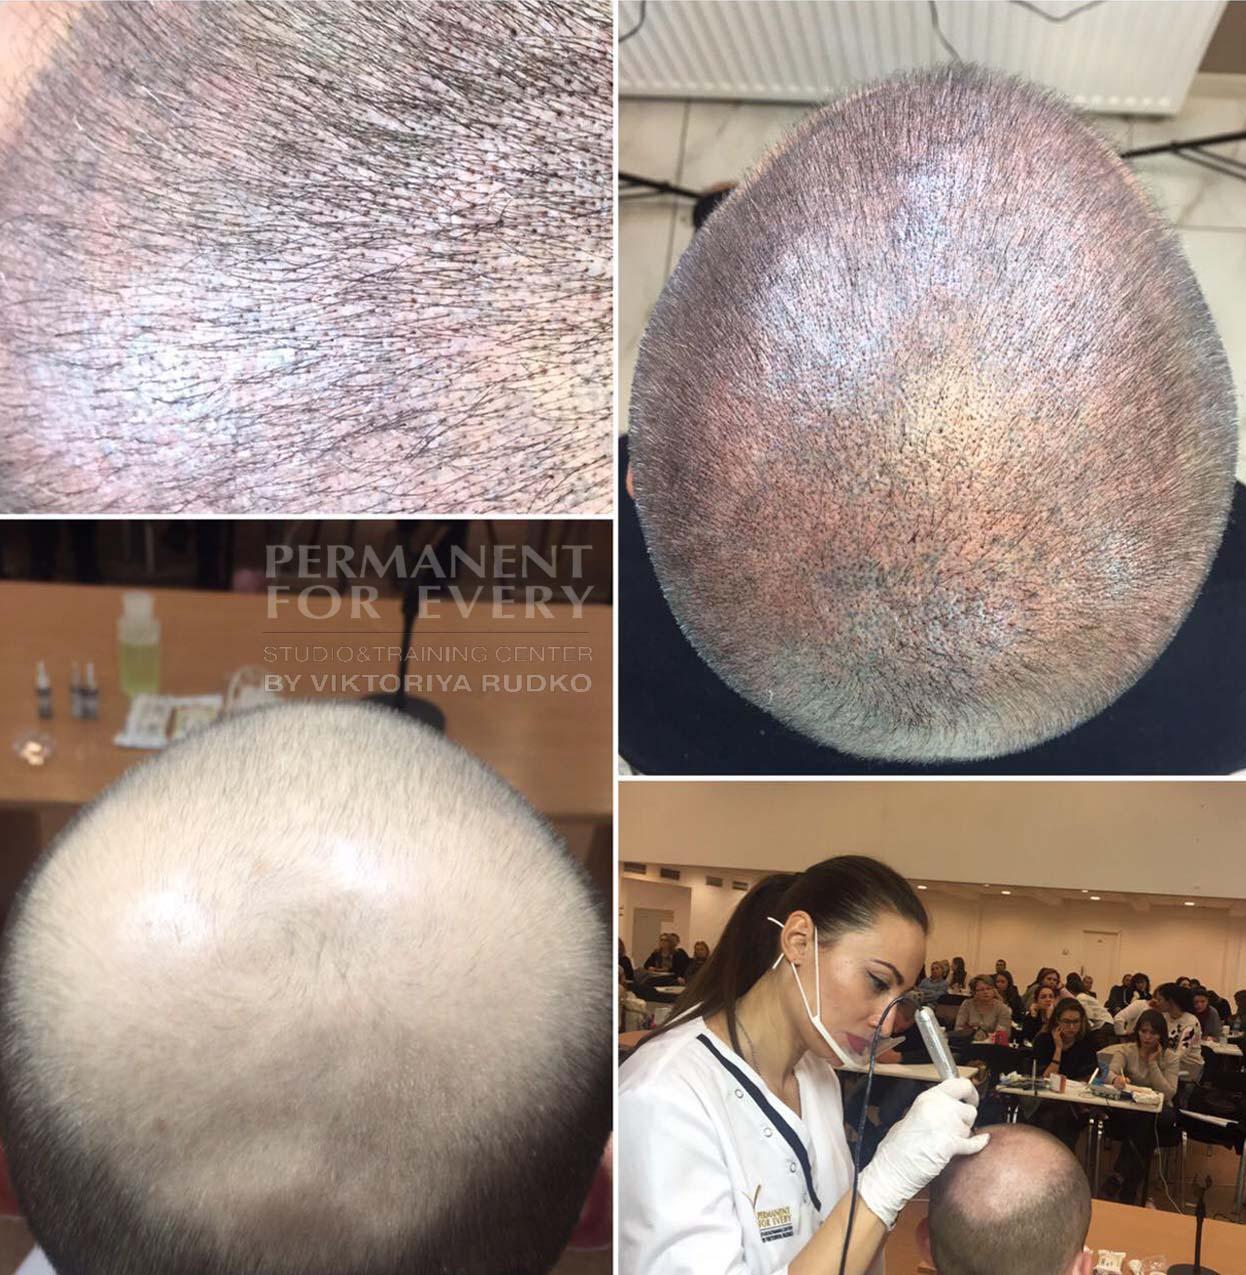 трихопигментация - татуаж головы до и после